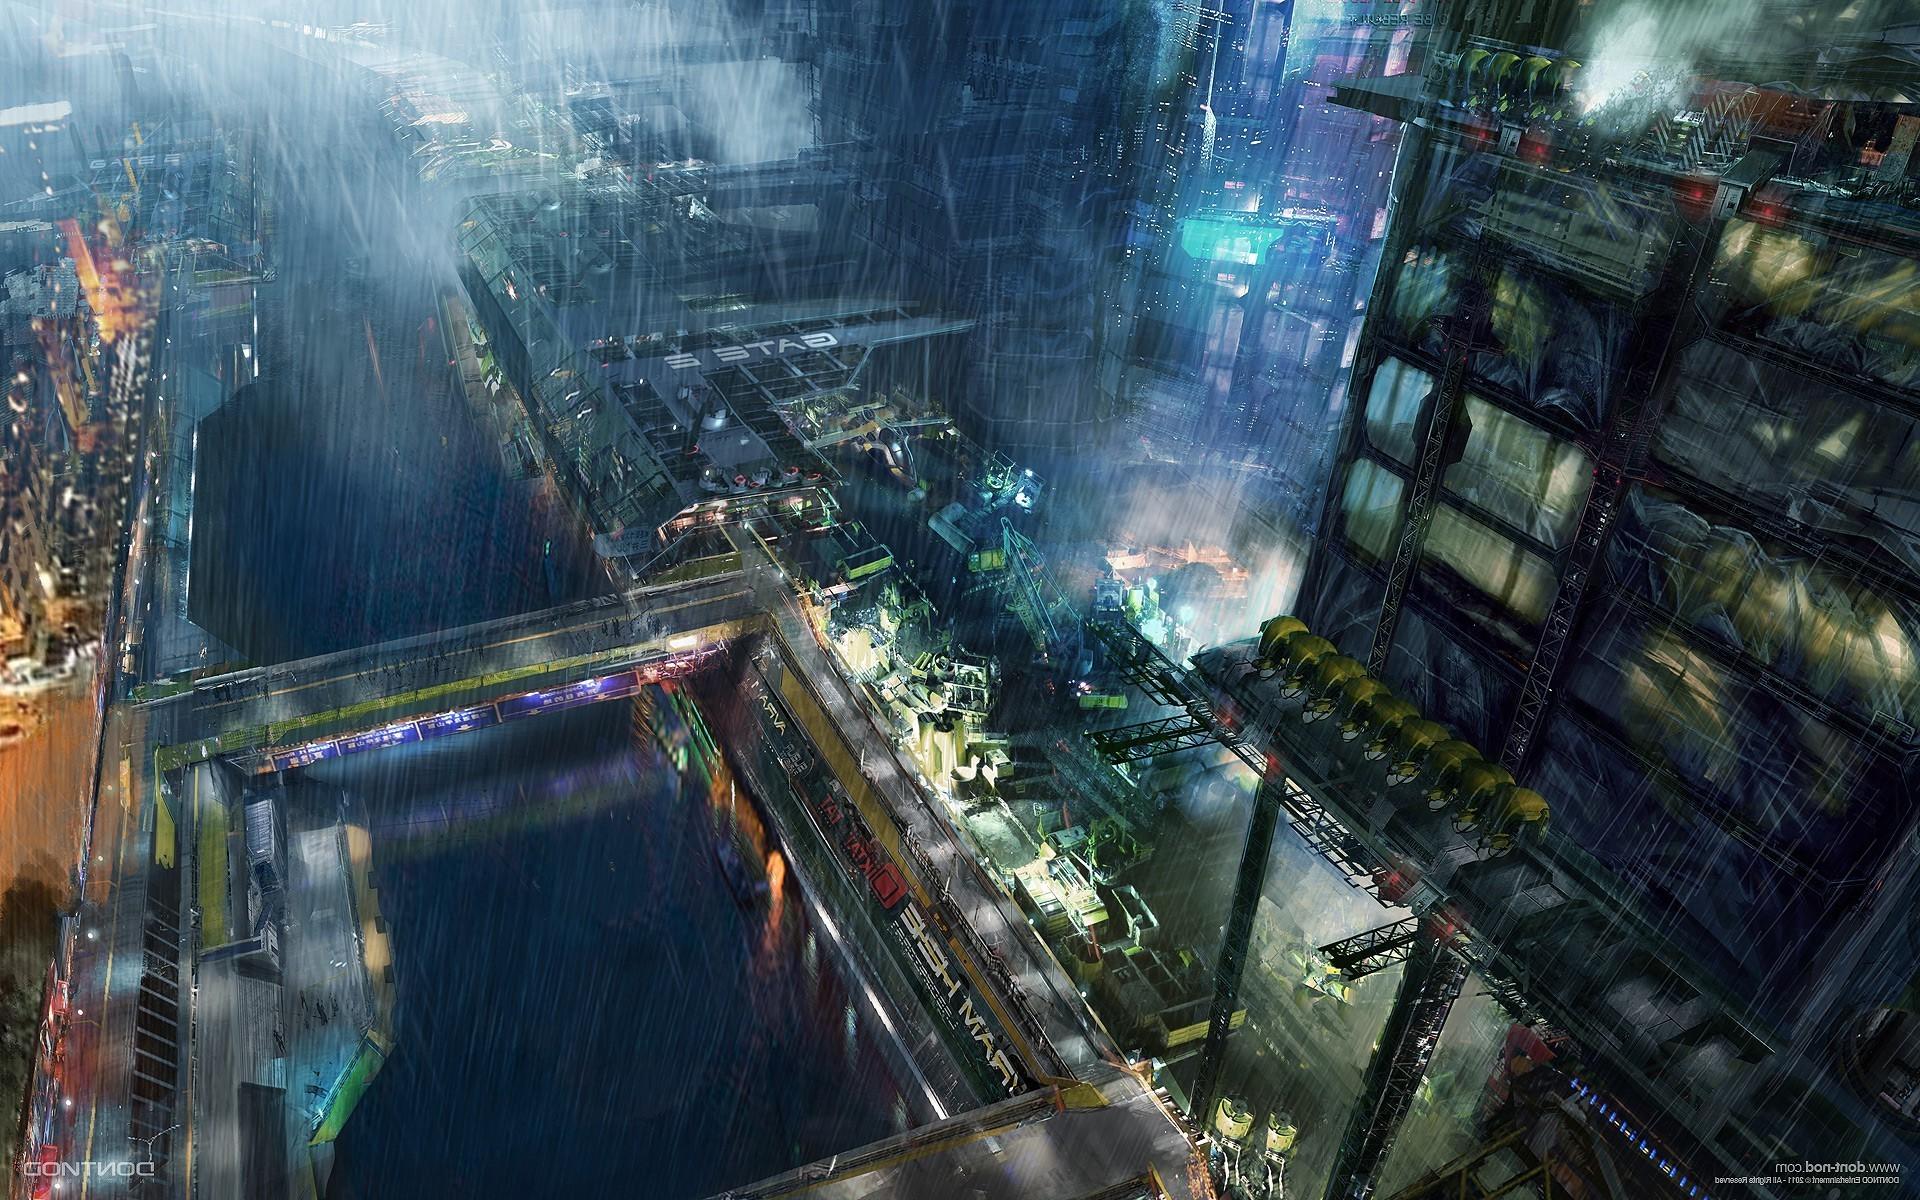 Cyberpunk Wallpaper 84 Images